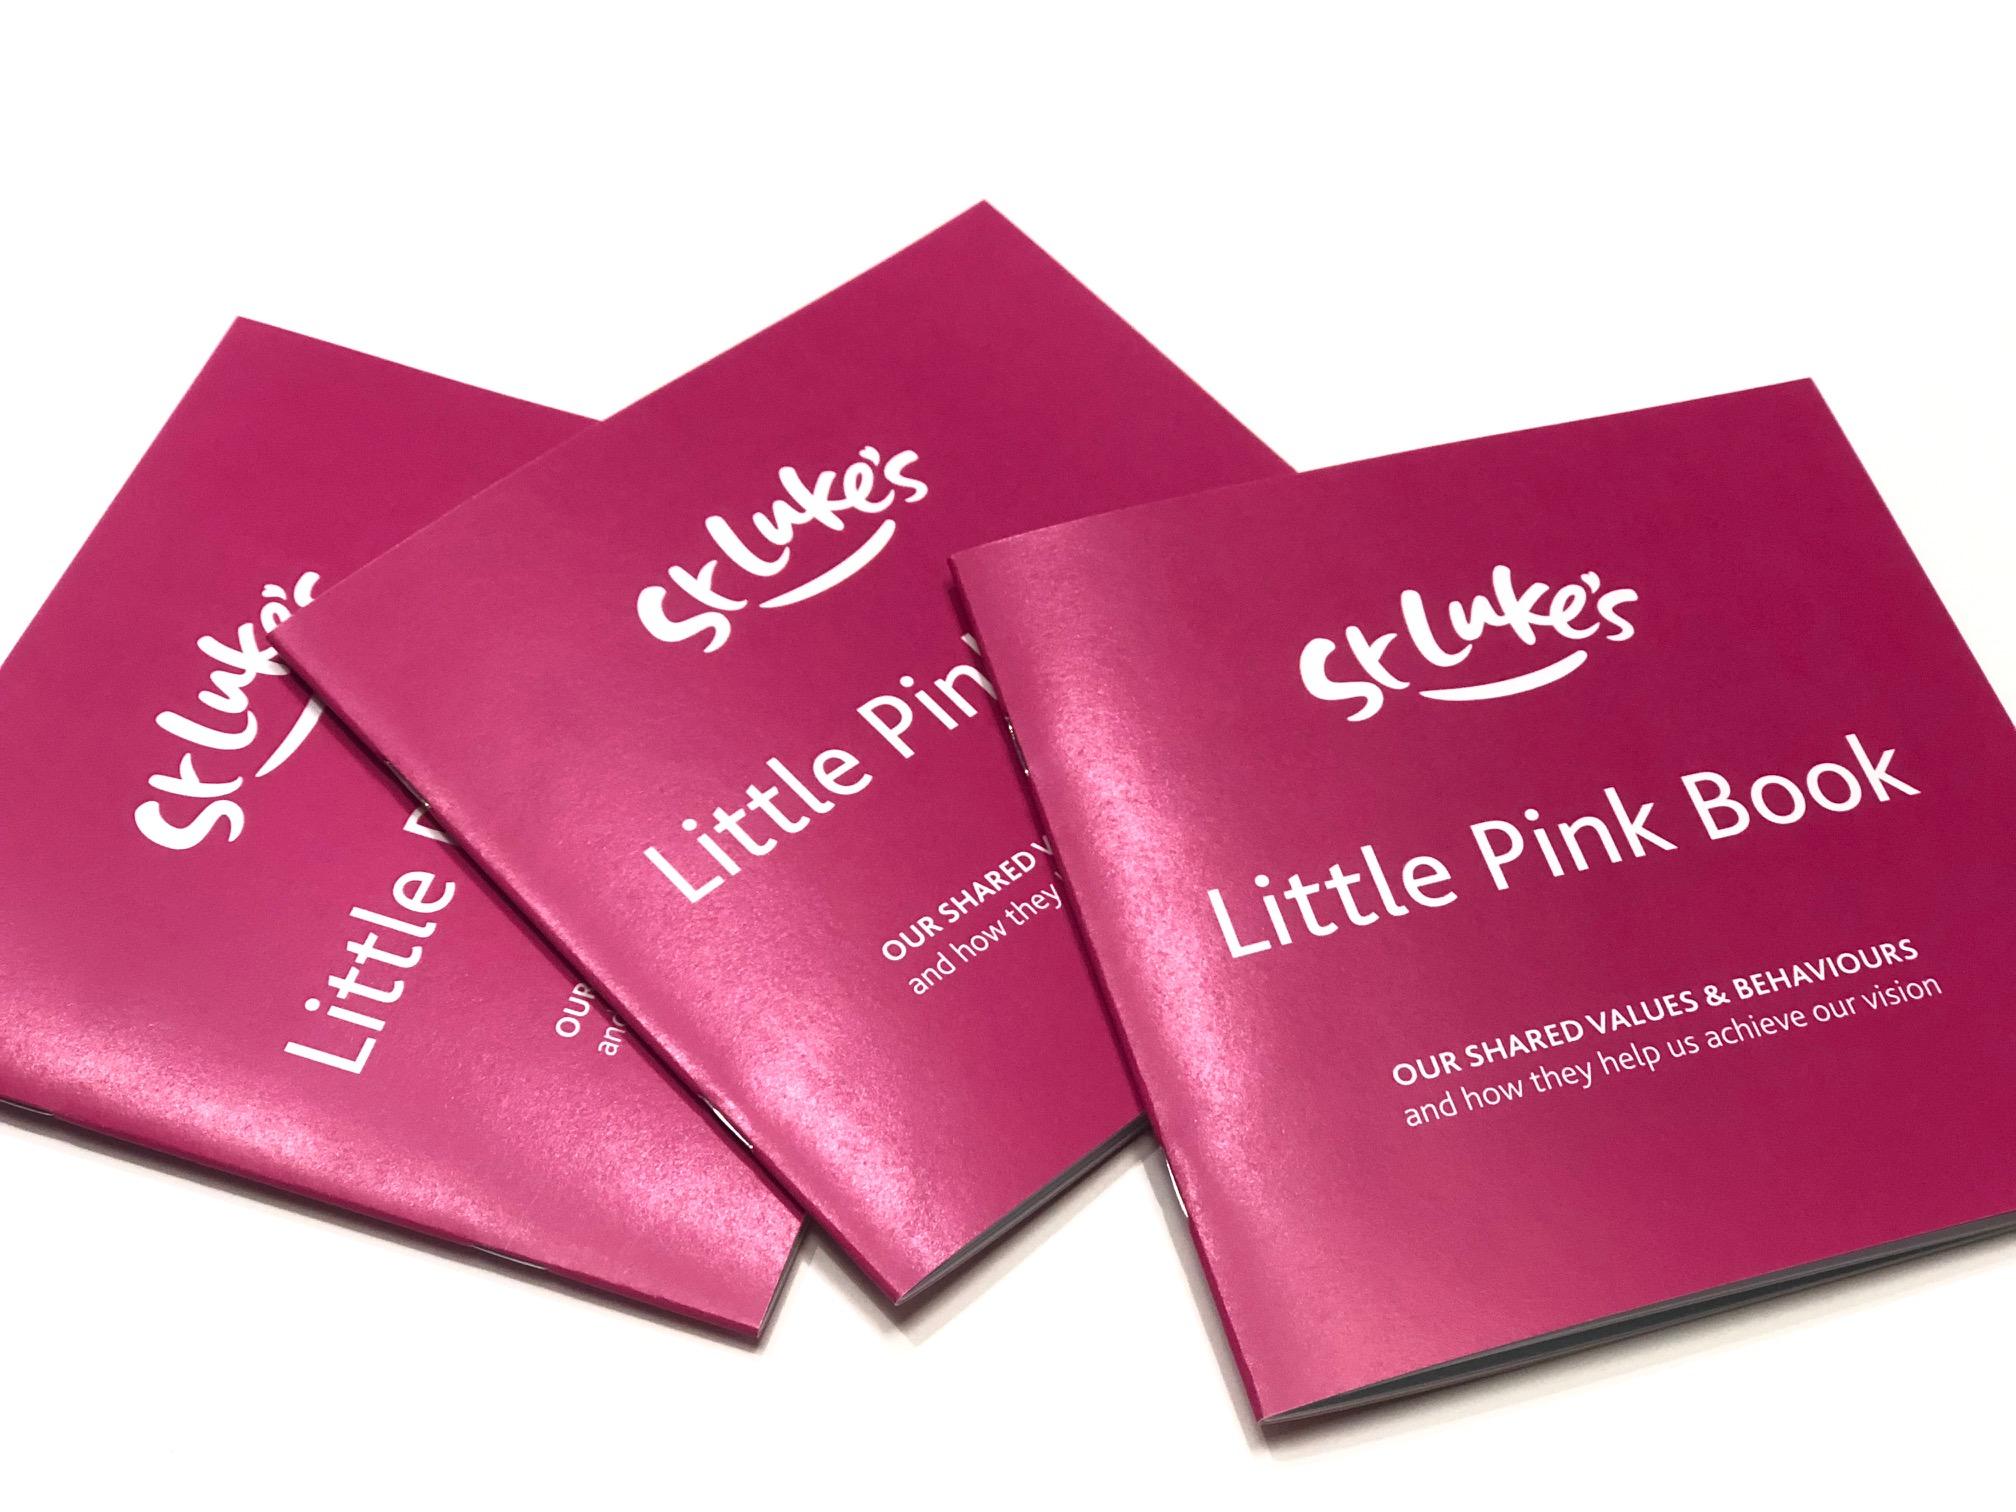 St Lukes Little Pink Book